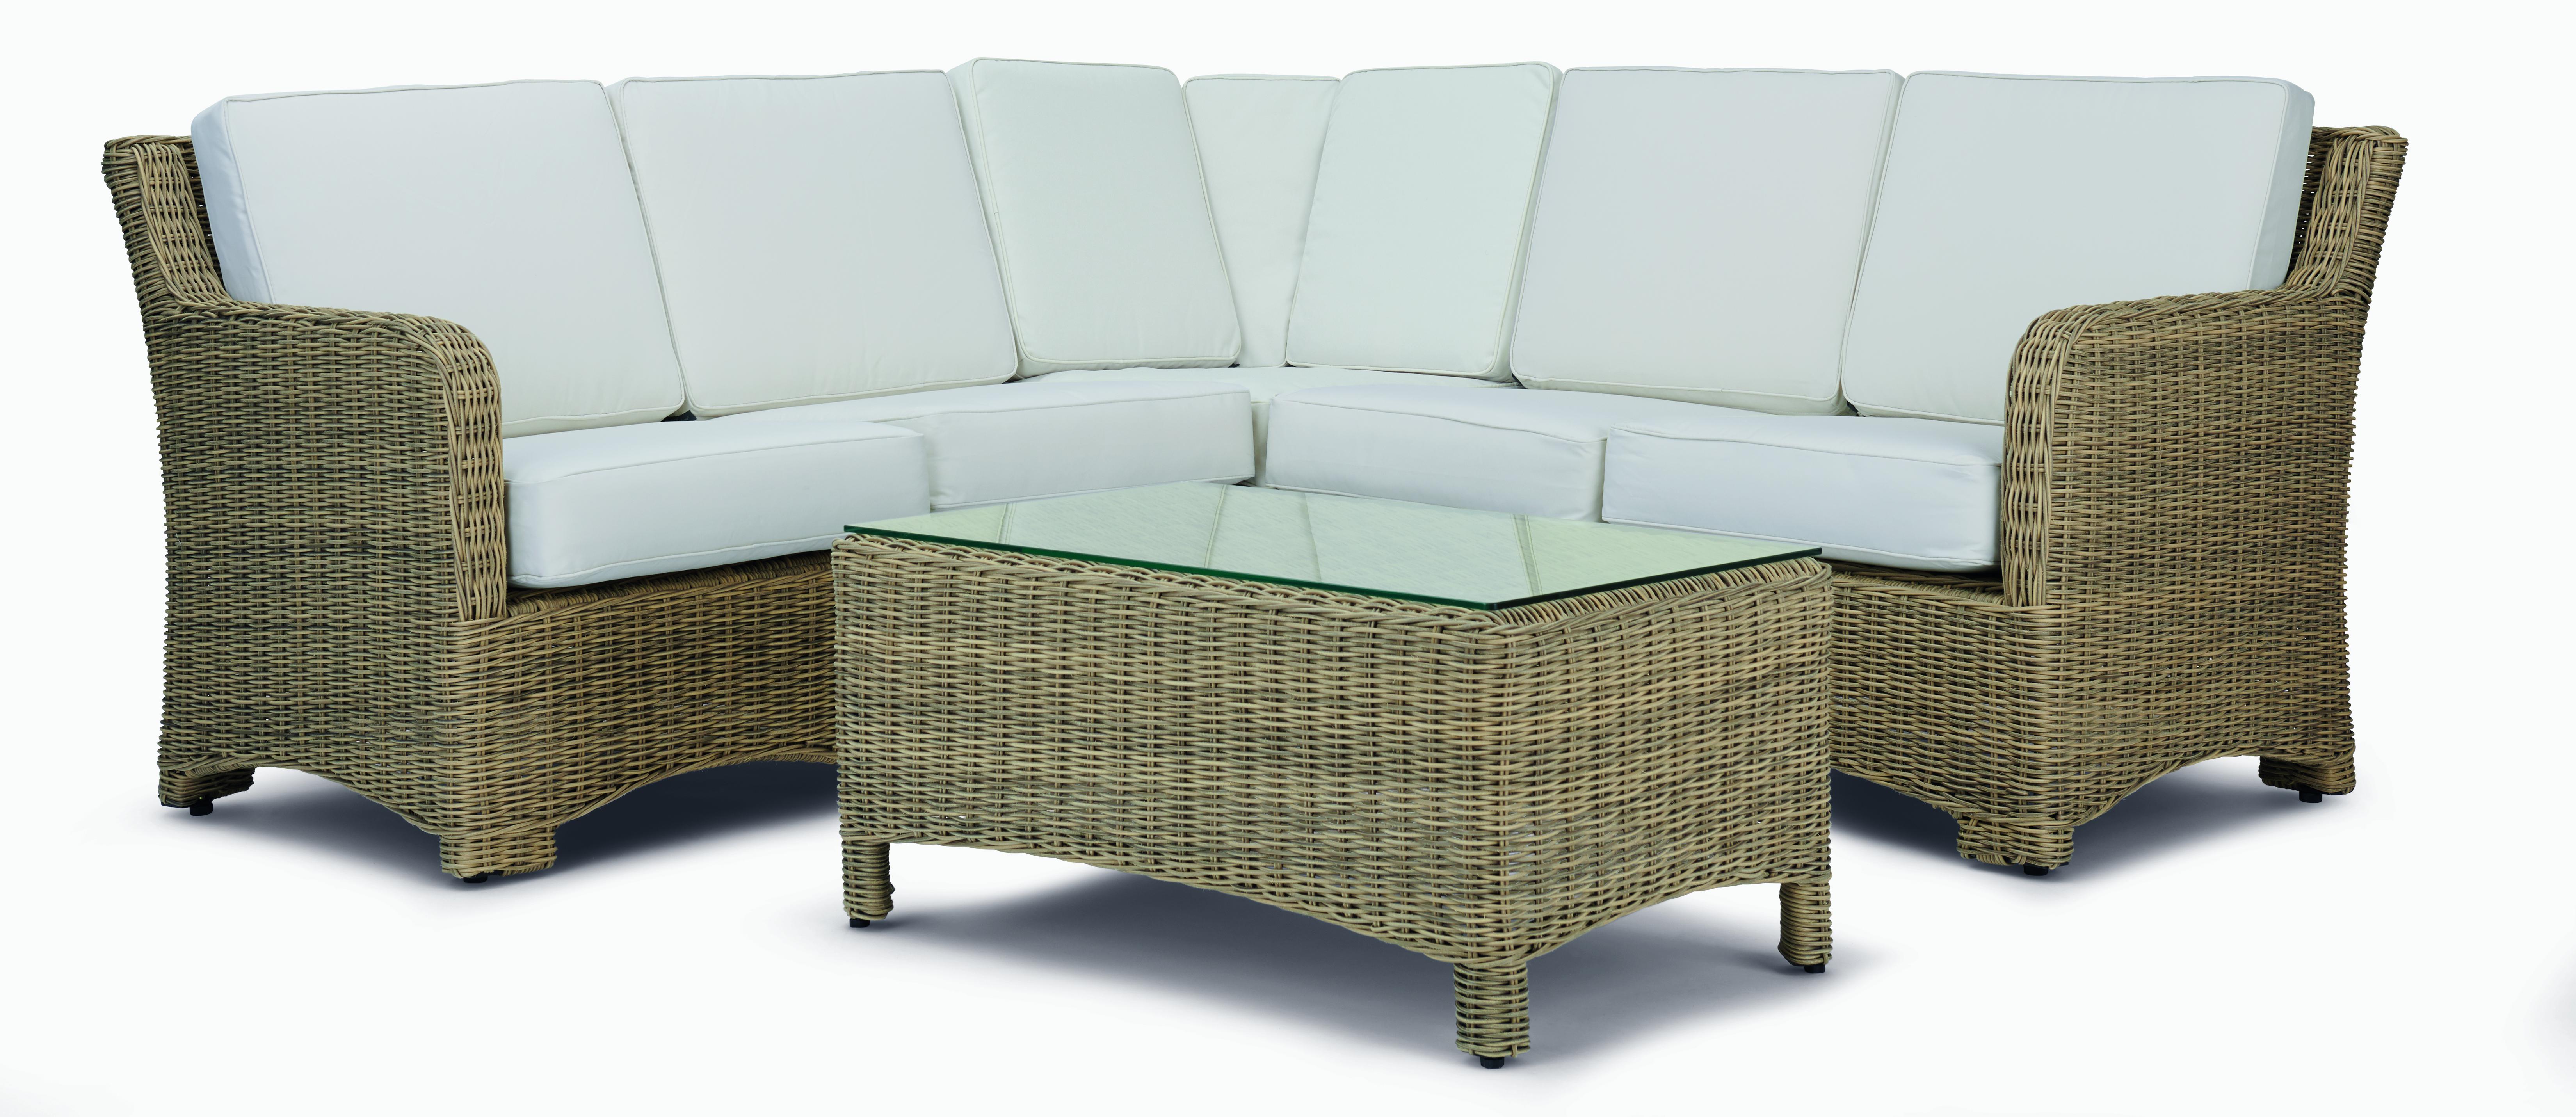 Murano Modular 5 Seater Corner Sofa with Coffee Table